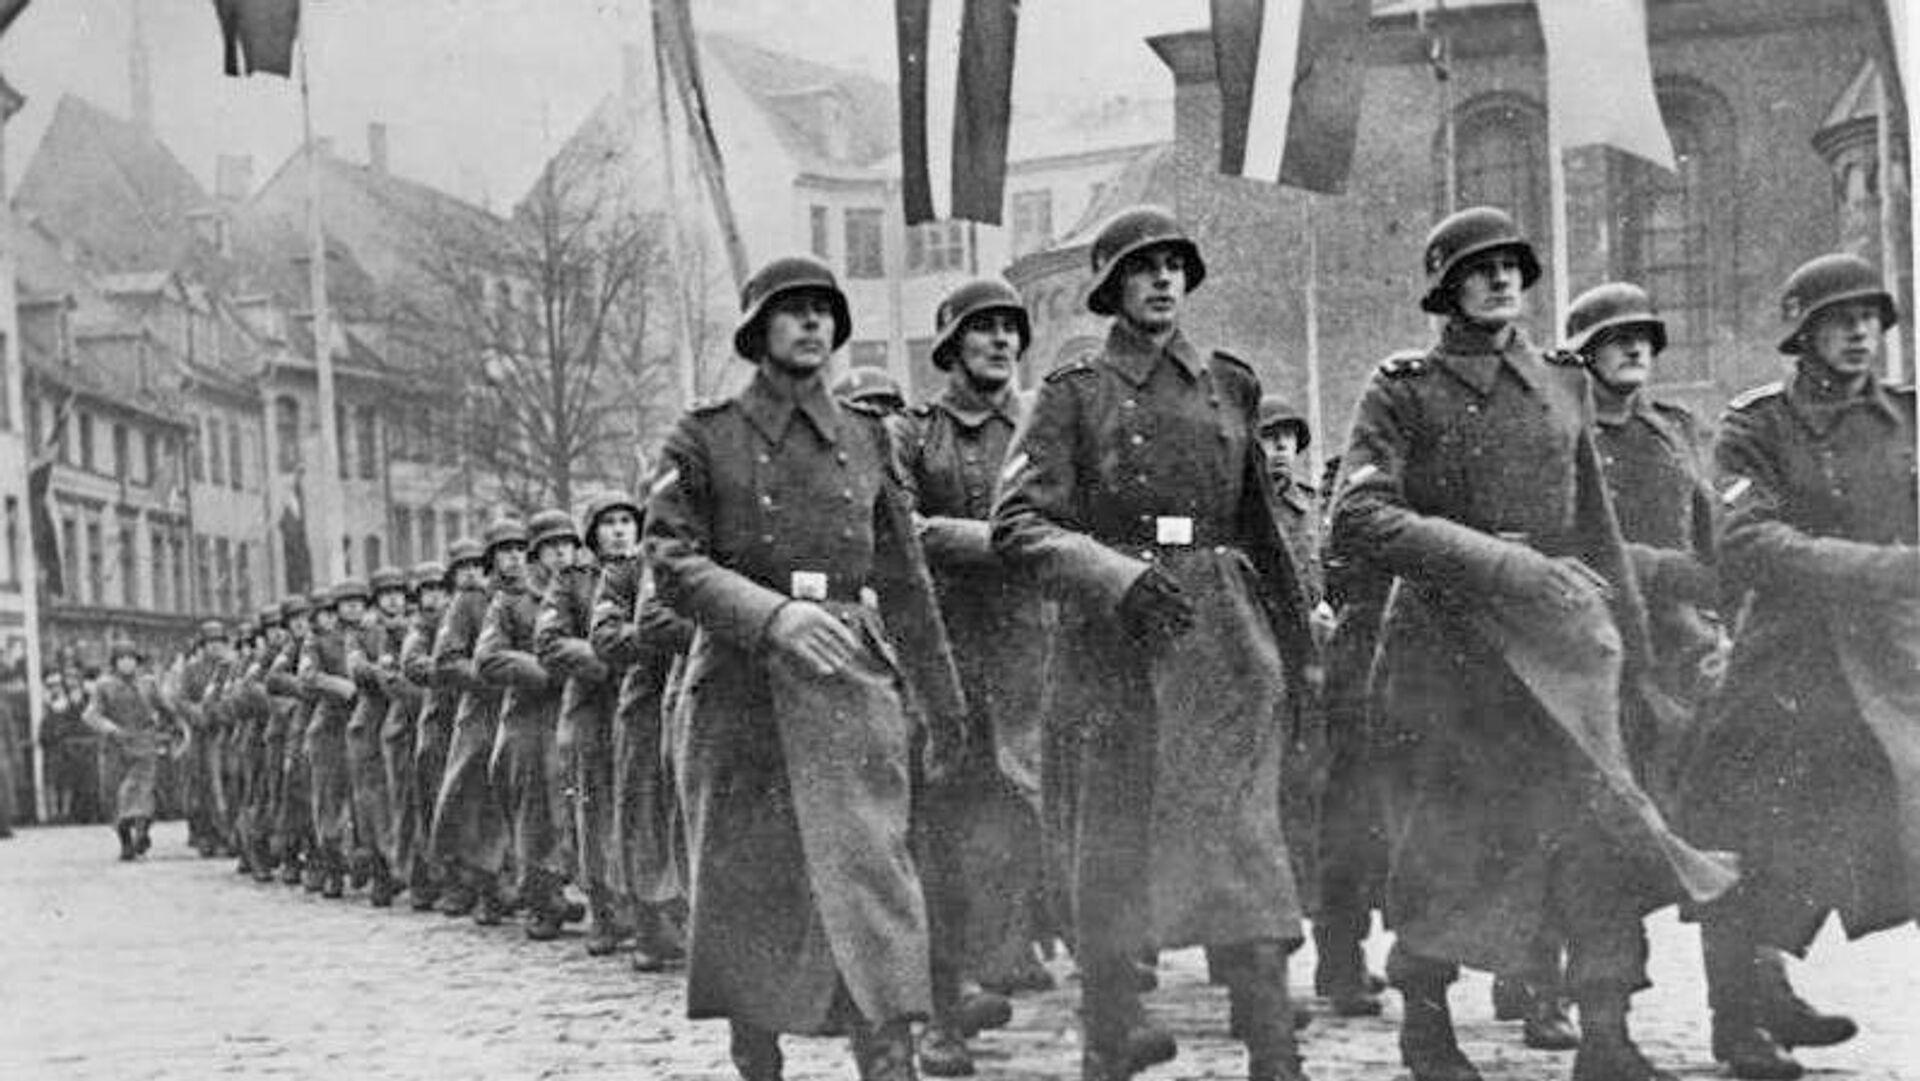 Парад латышских легионеров СС в Риге. 1943 - РИА Новости, 1920, 08.09.2021